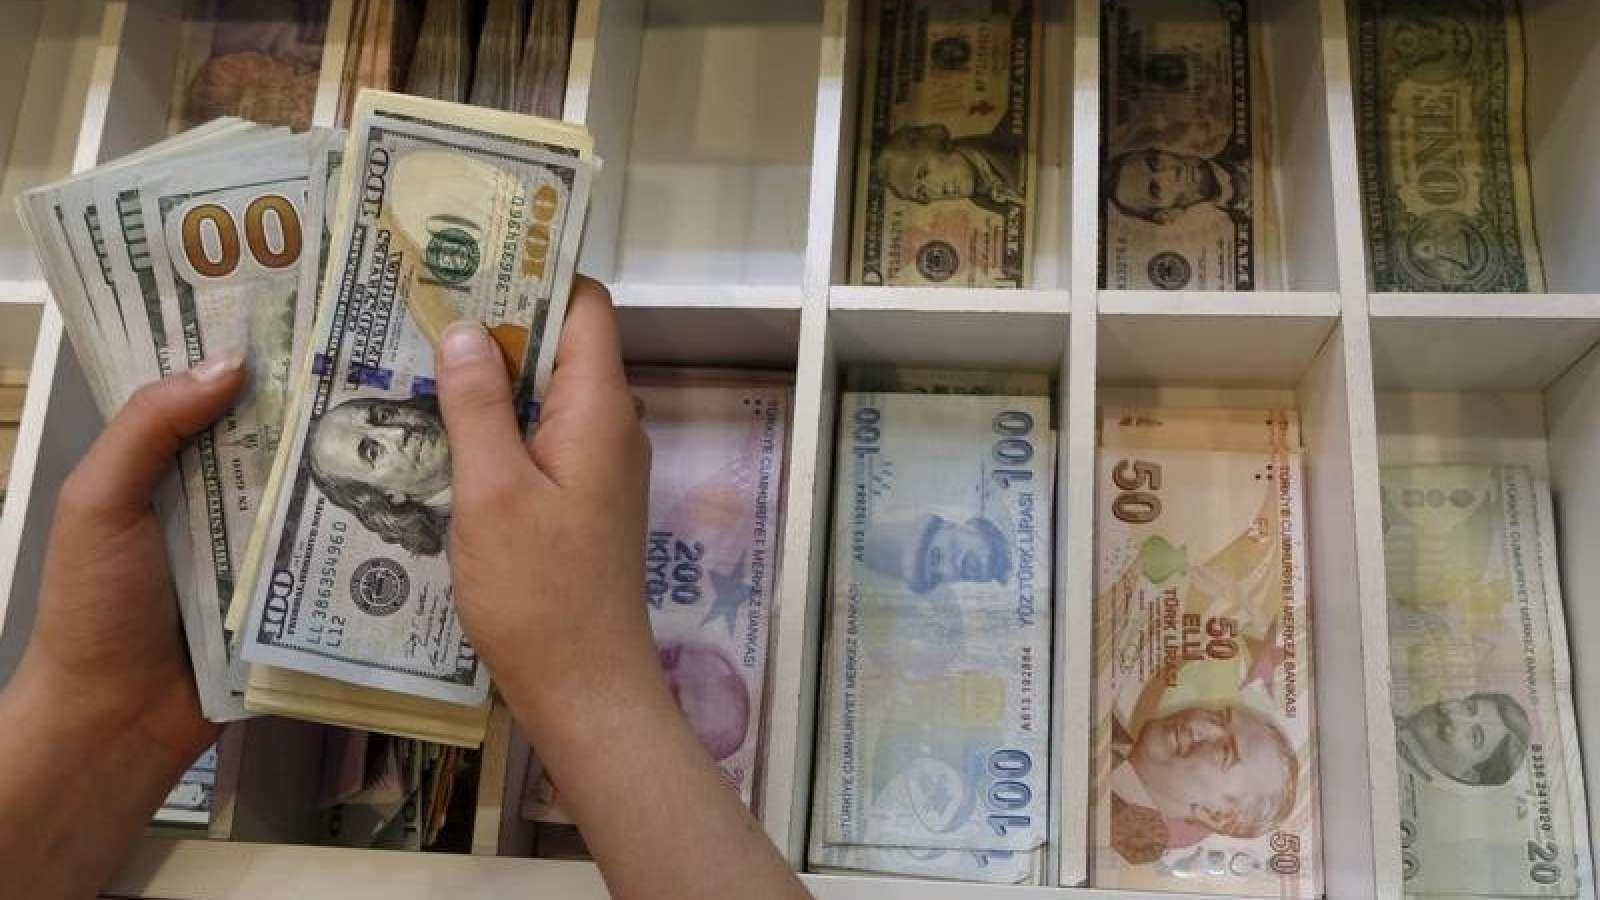 корпус фото лиры денег древности человек смотрел